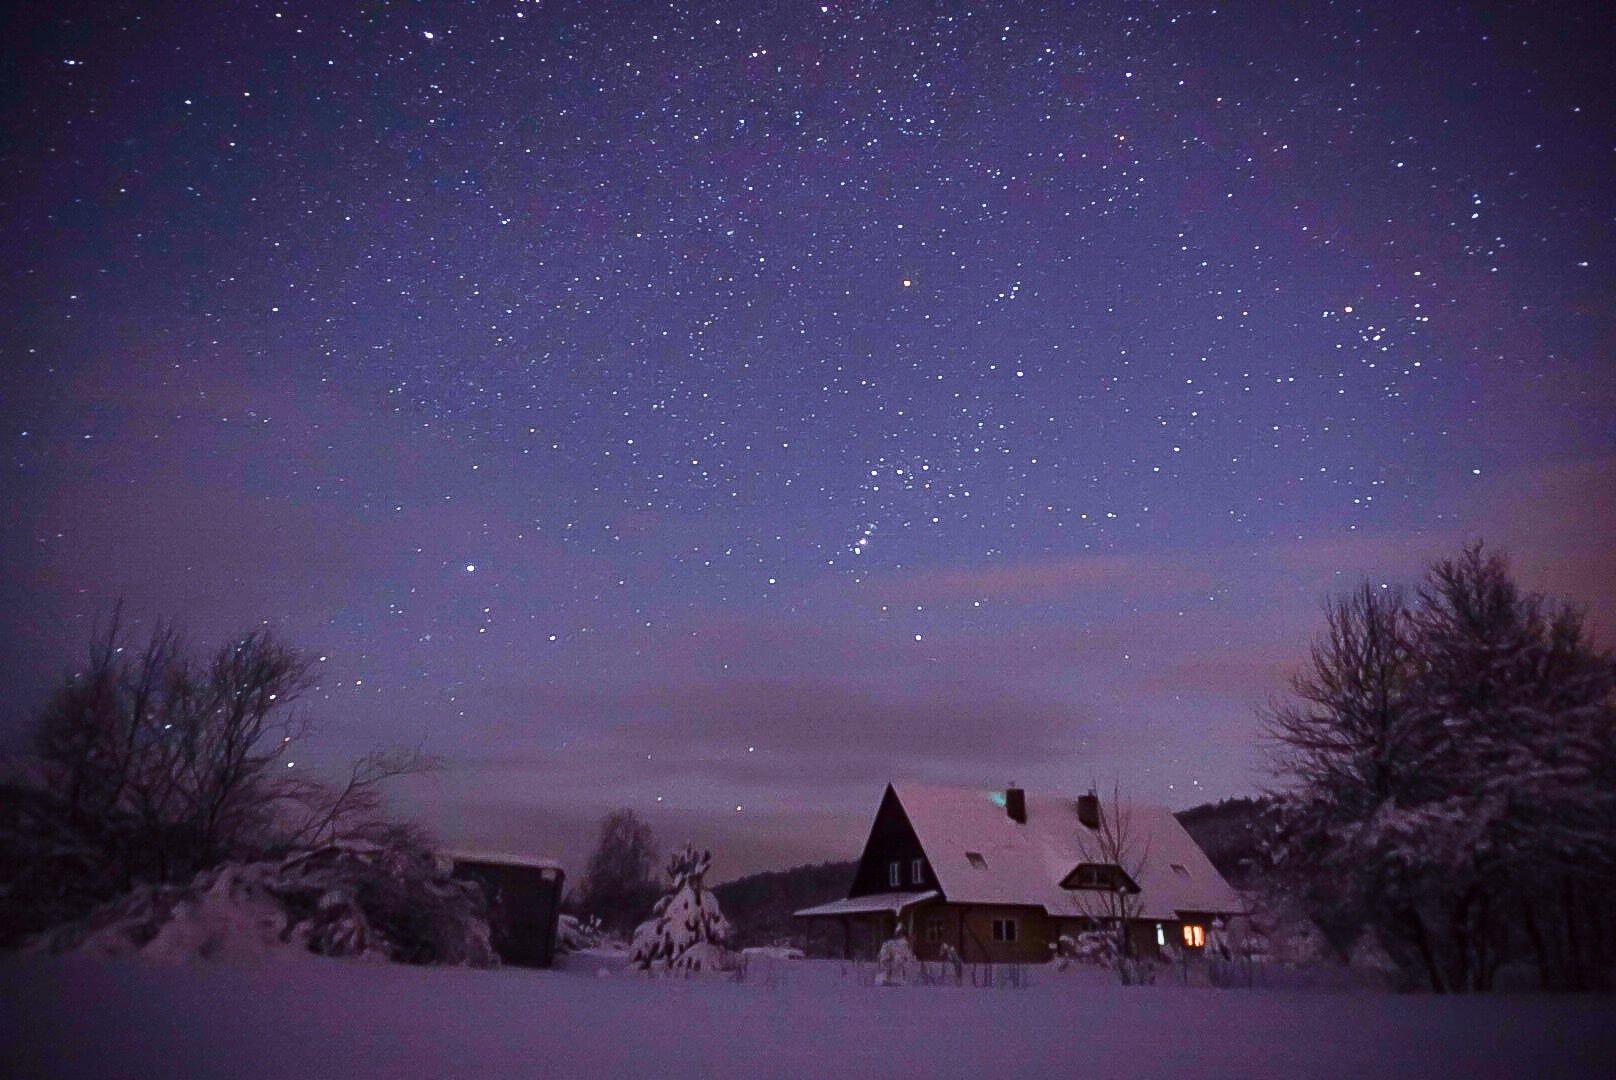 Nocne, zimowe niebo w fotografii Adama 6